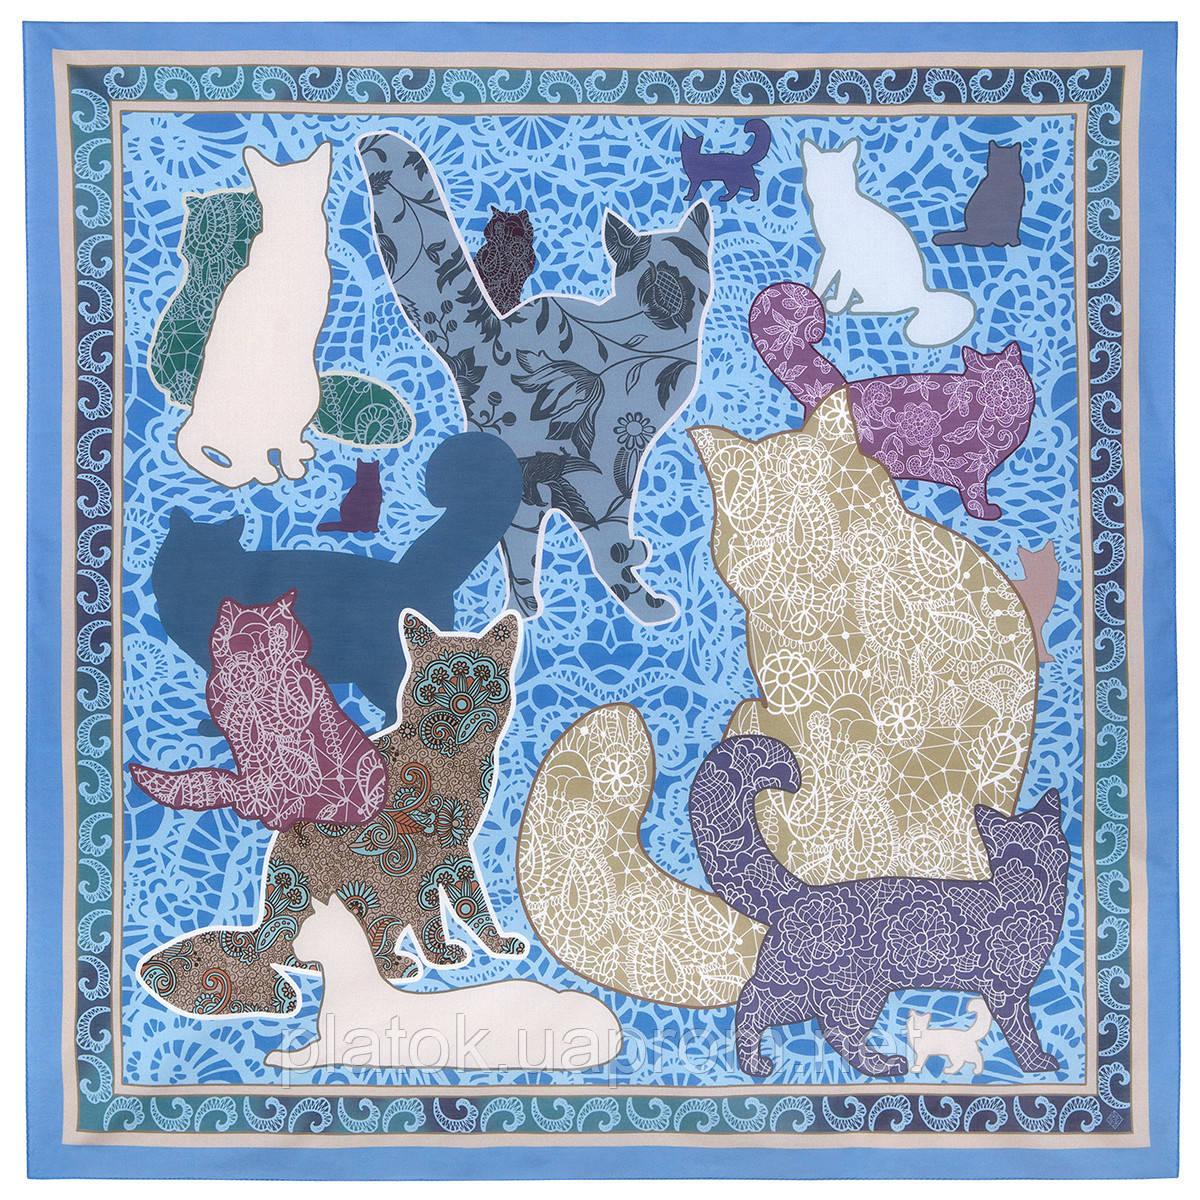 10607-1, павлопосадский платок хлопковый (батистовый) с швом зиг-заг